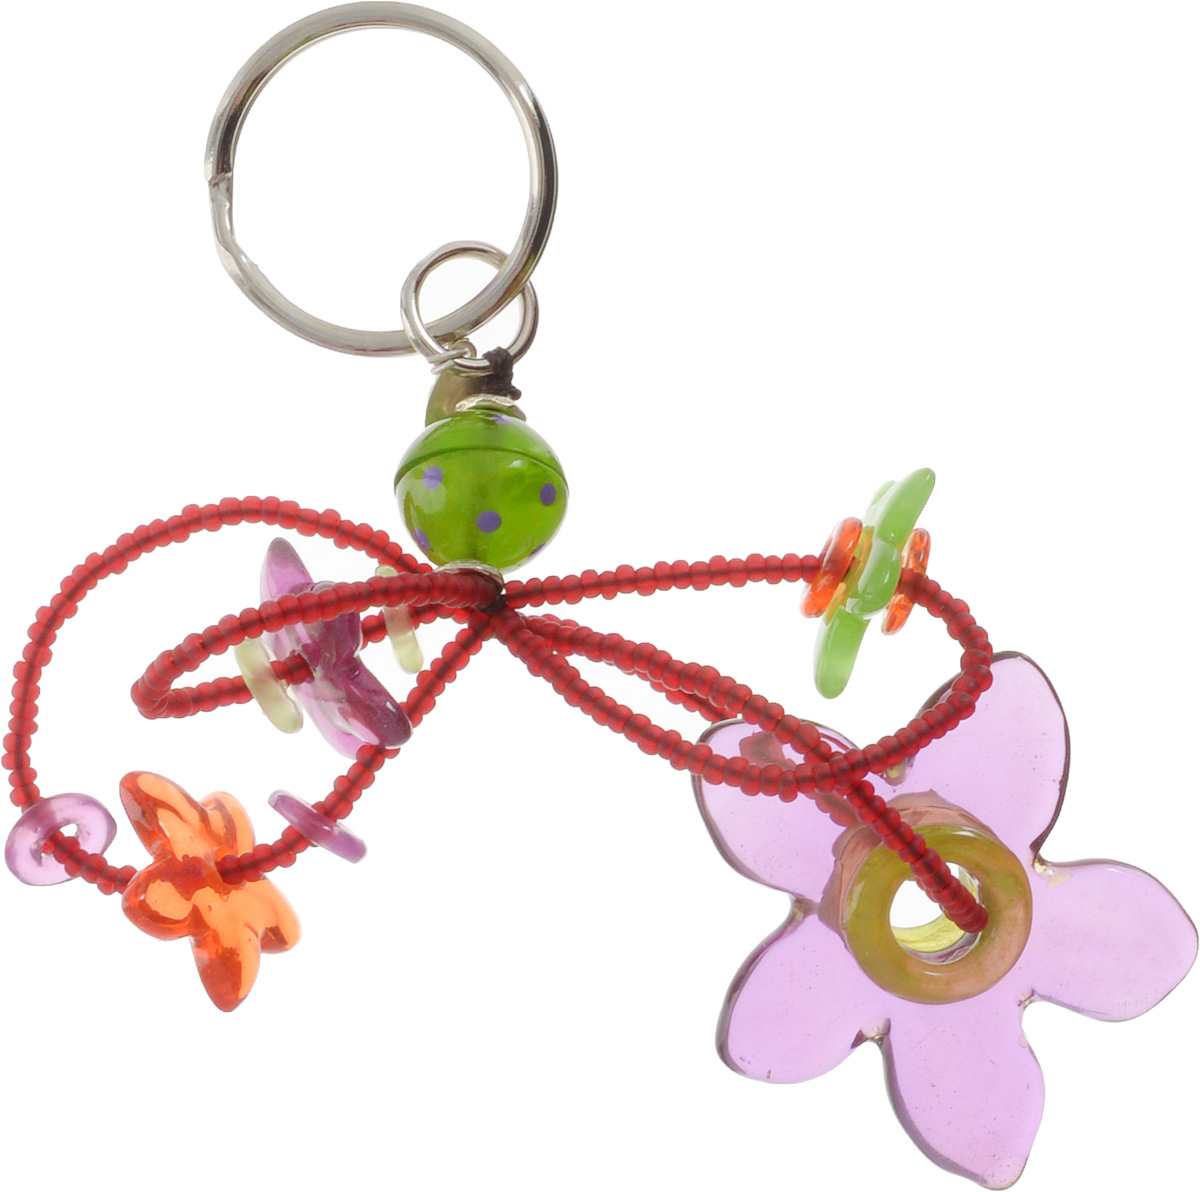 Брелок Lalo Treasures, цвет: сиреневый, зеленый. KR486697161Брелок Lalo Treasures изготовлен из ювелирной смолы ярких цветов. Он оформлен подвесными цветочками и крепится к кольцу с помощью крепкого шнурка.Оригинальный брелок подчеркнет вашу индивидуальность, а также станет отличным подарком для любительниц модных новинок в мире аксессуаров.